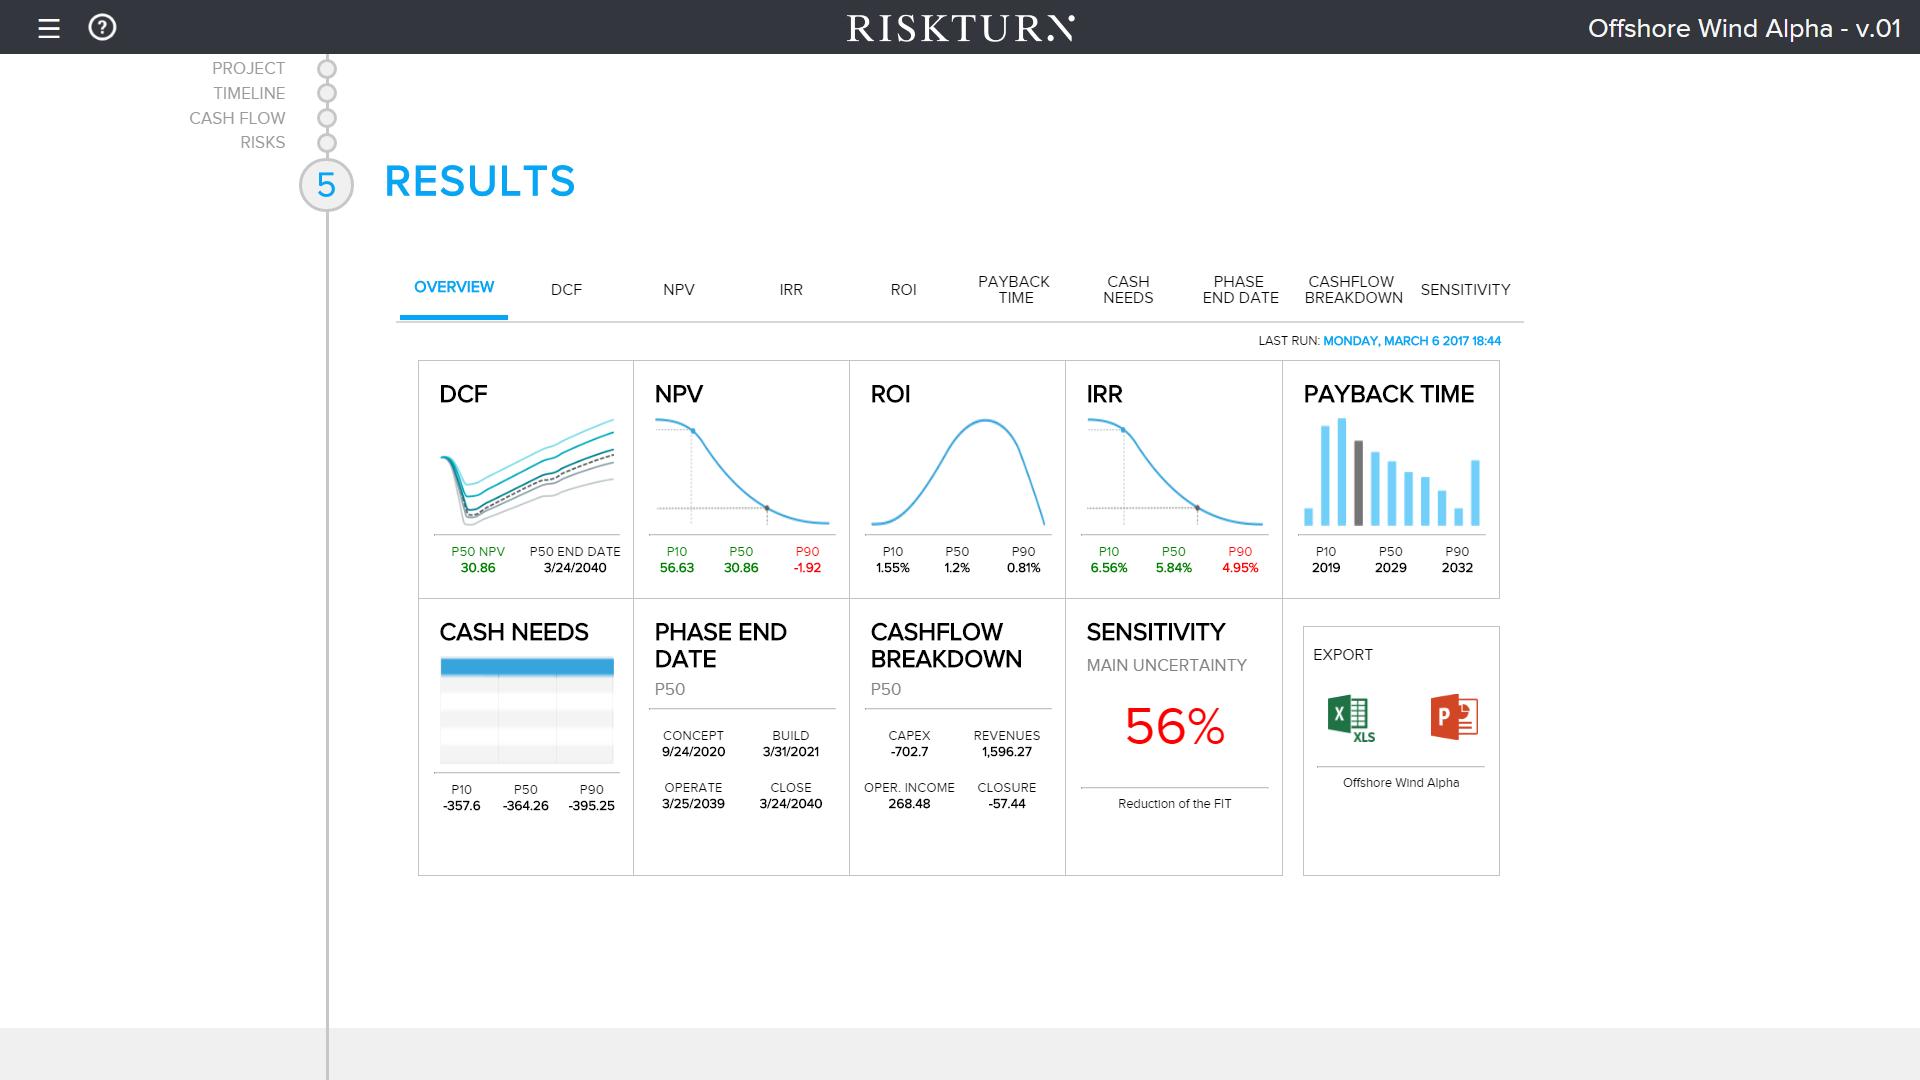 RISKTURN Software - Overview